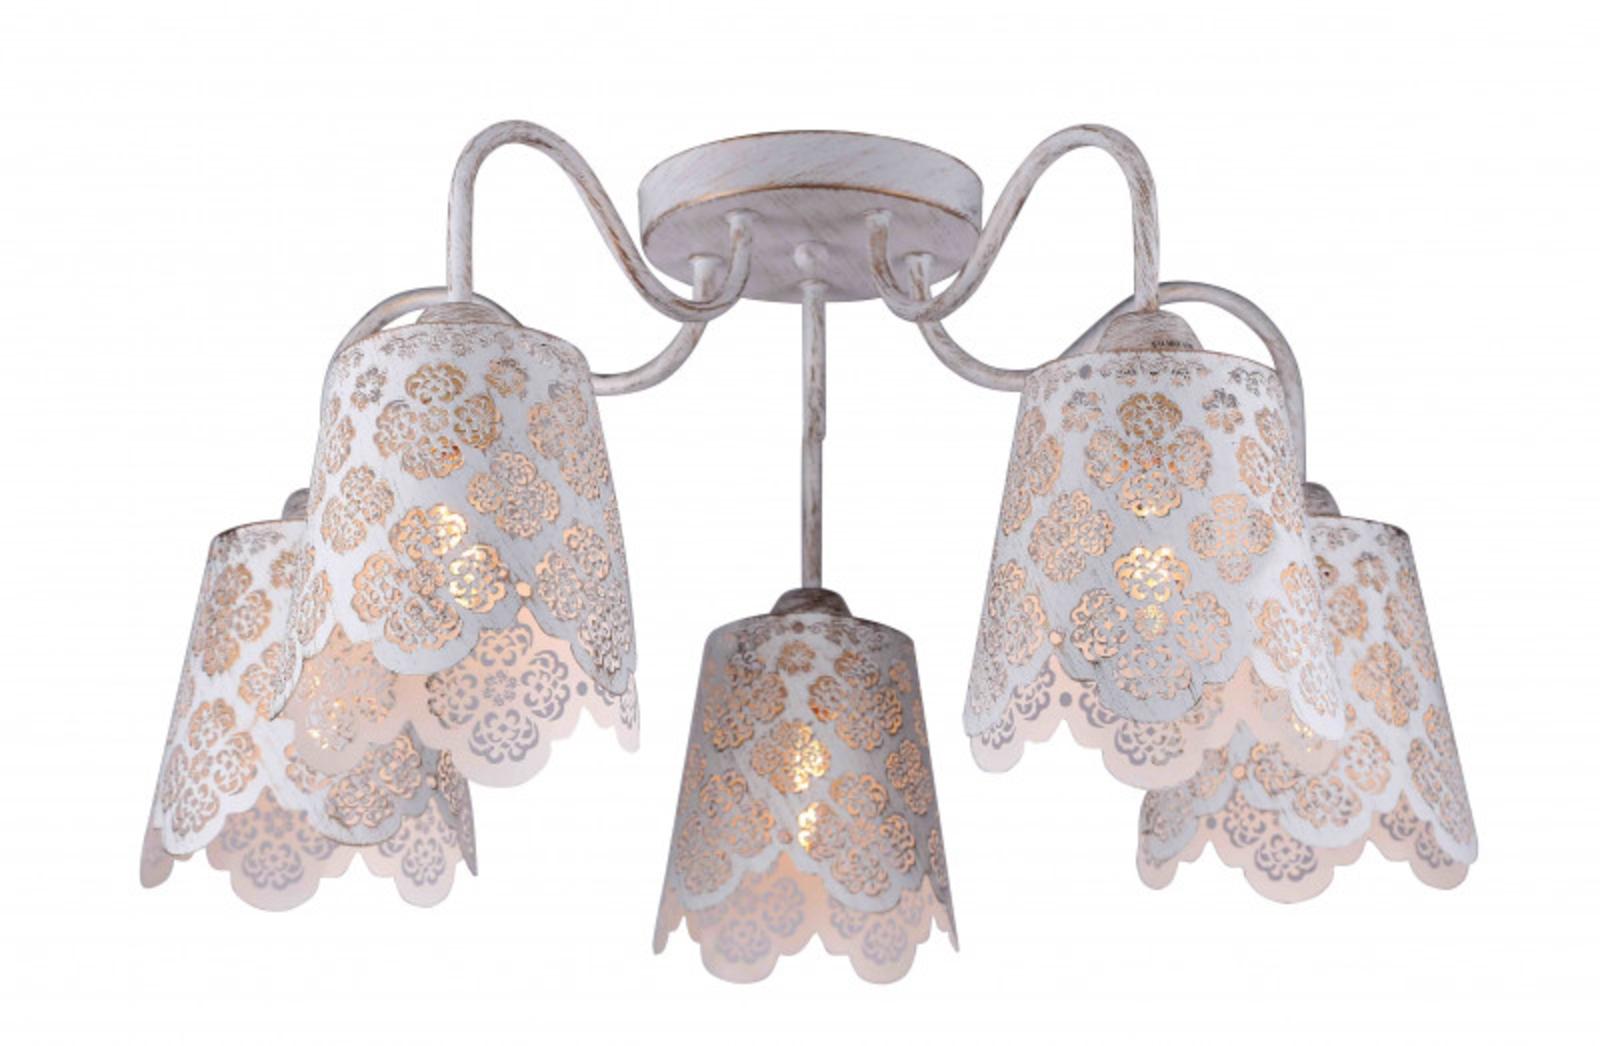 Купить Накладная люстра JULIA Накладная люстра ARTE Lamp A2032PL-5WG (13761), HomeMe